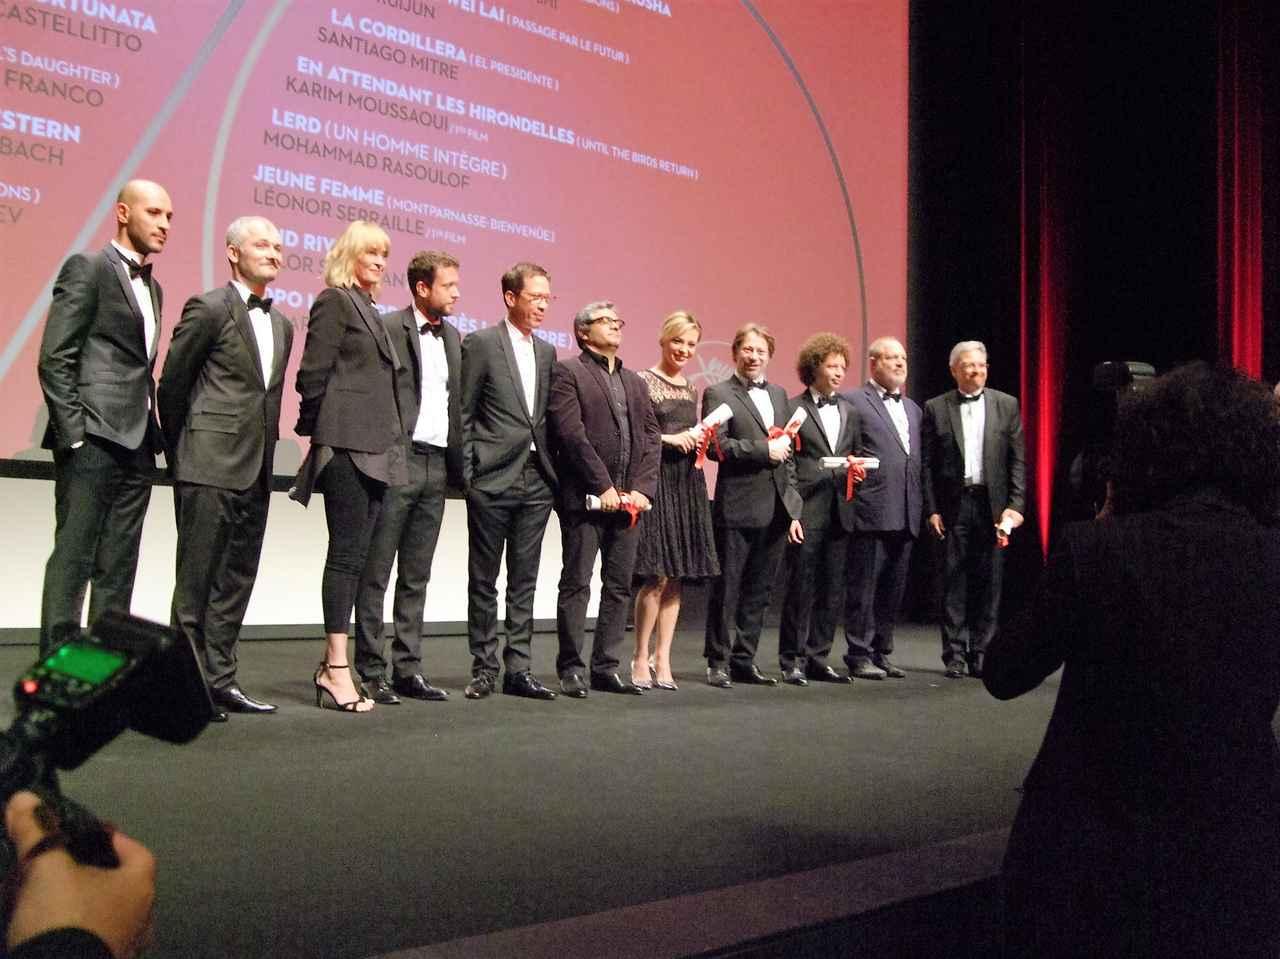 画像: 『ある視点』部門の受賞者たち